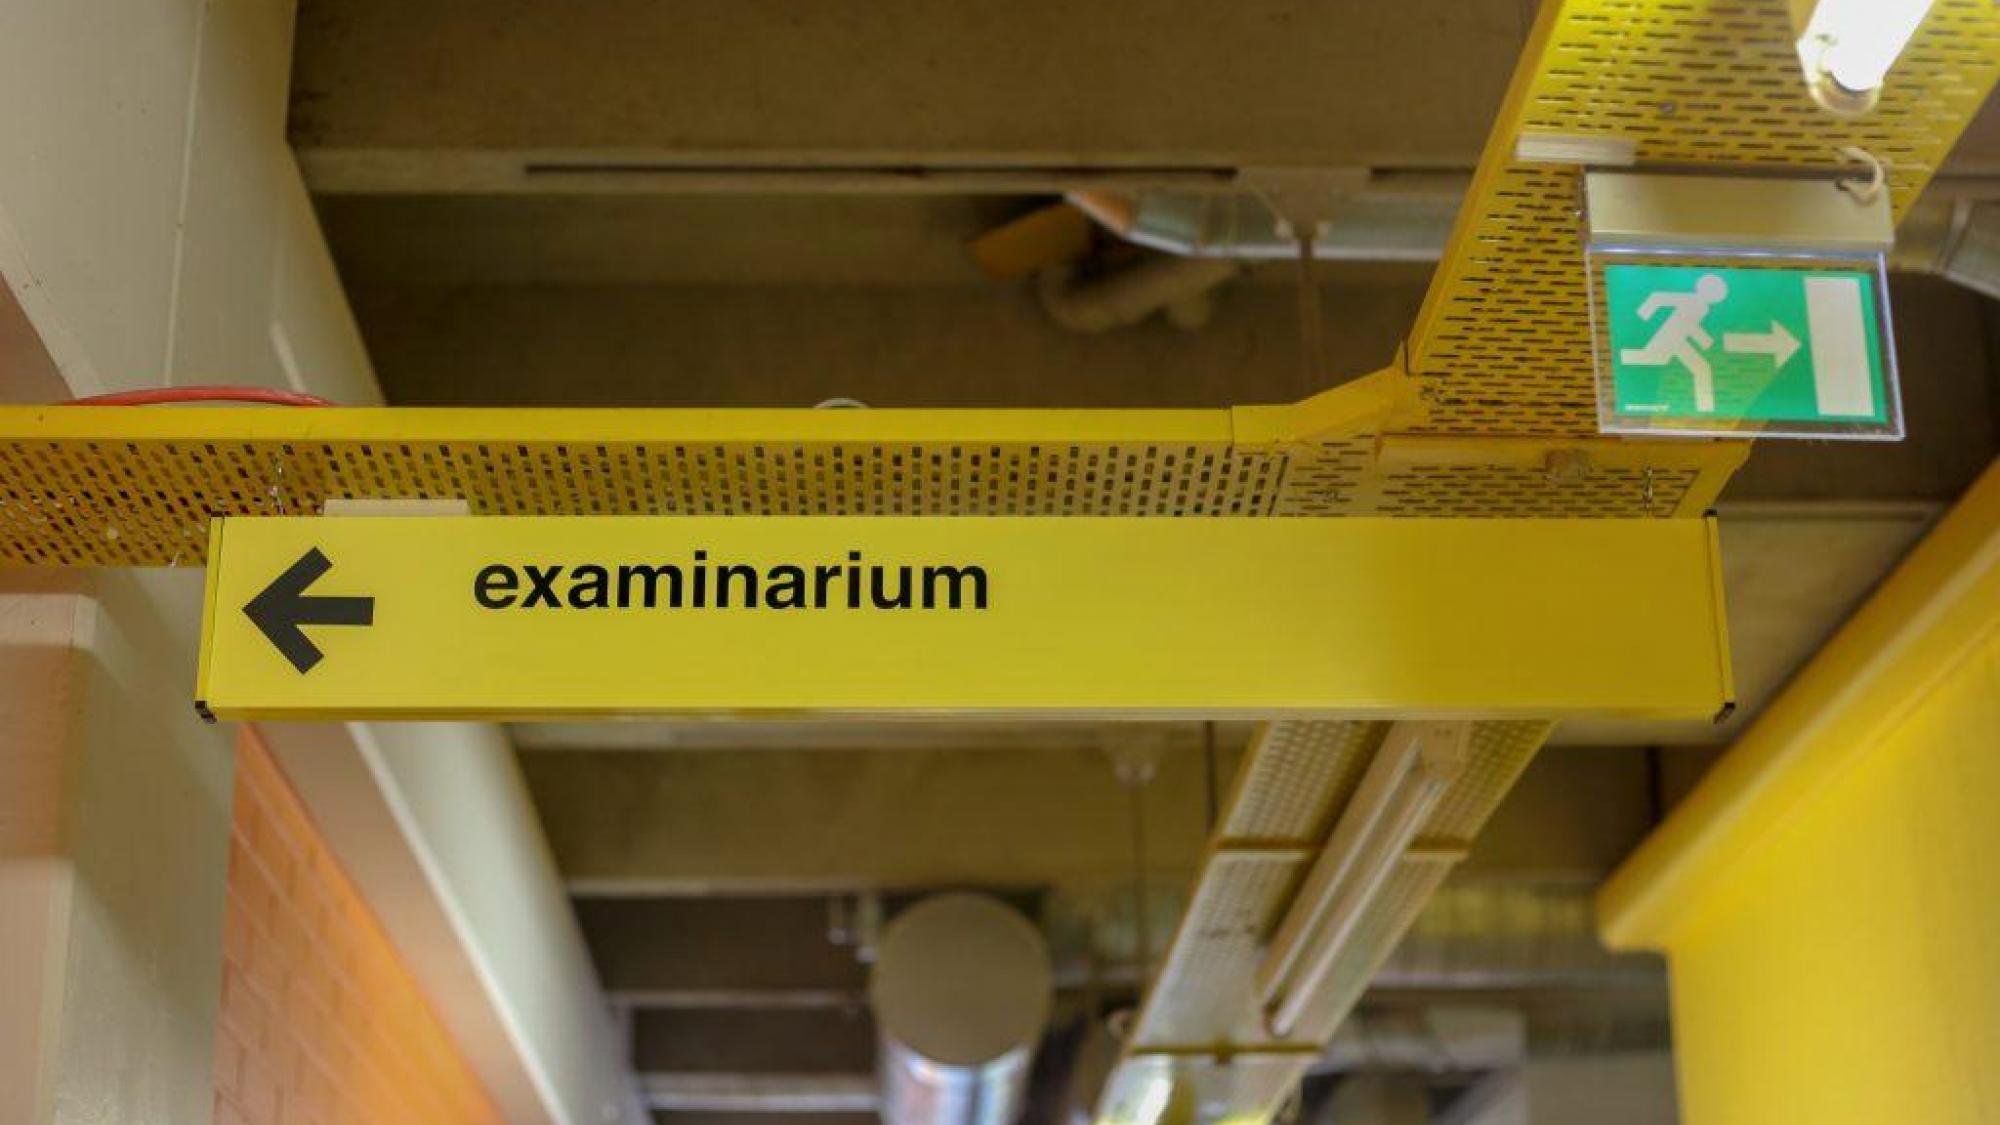 Examinarium-logo